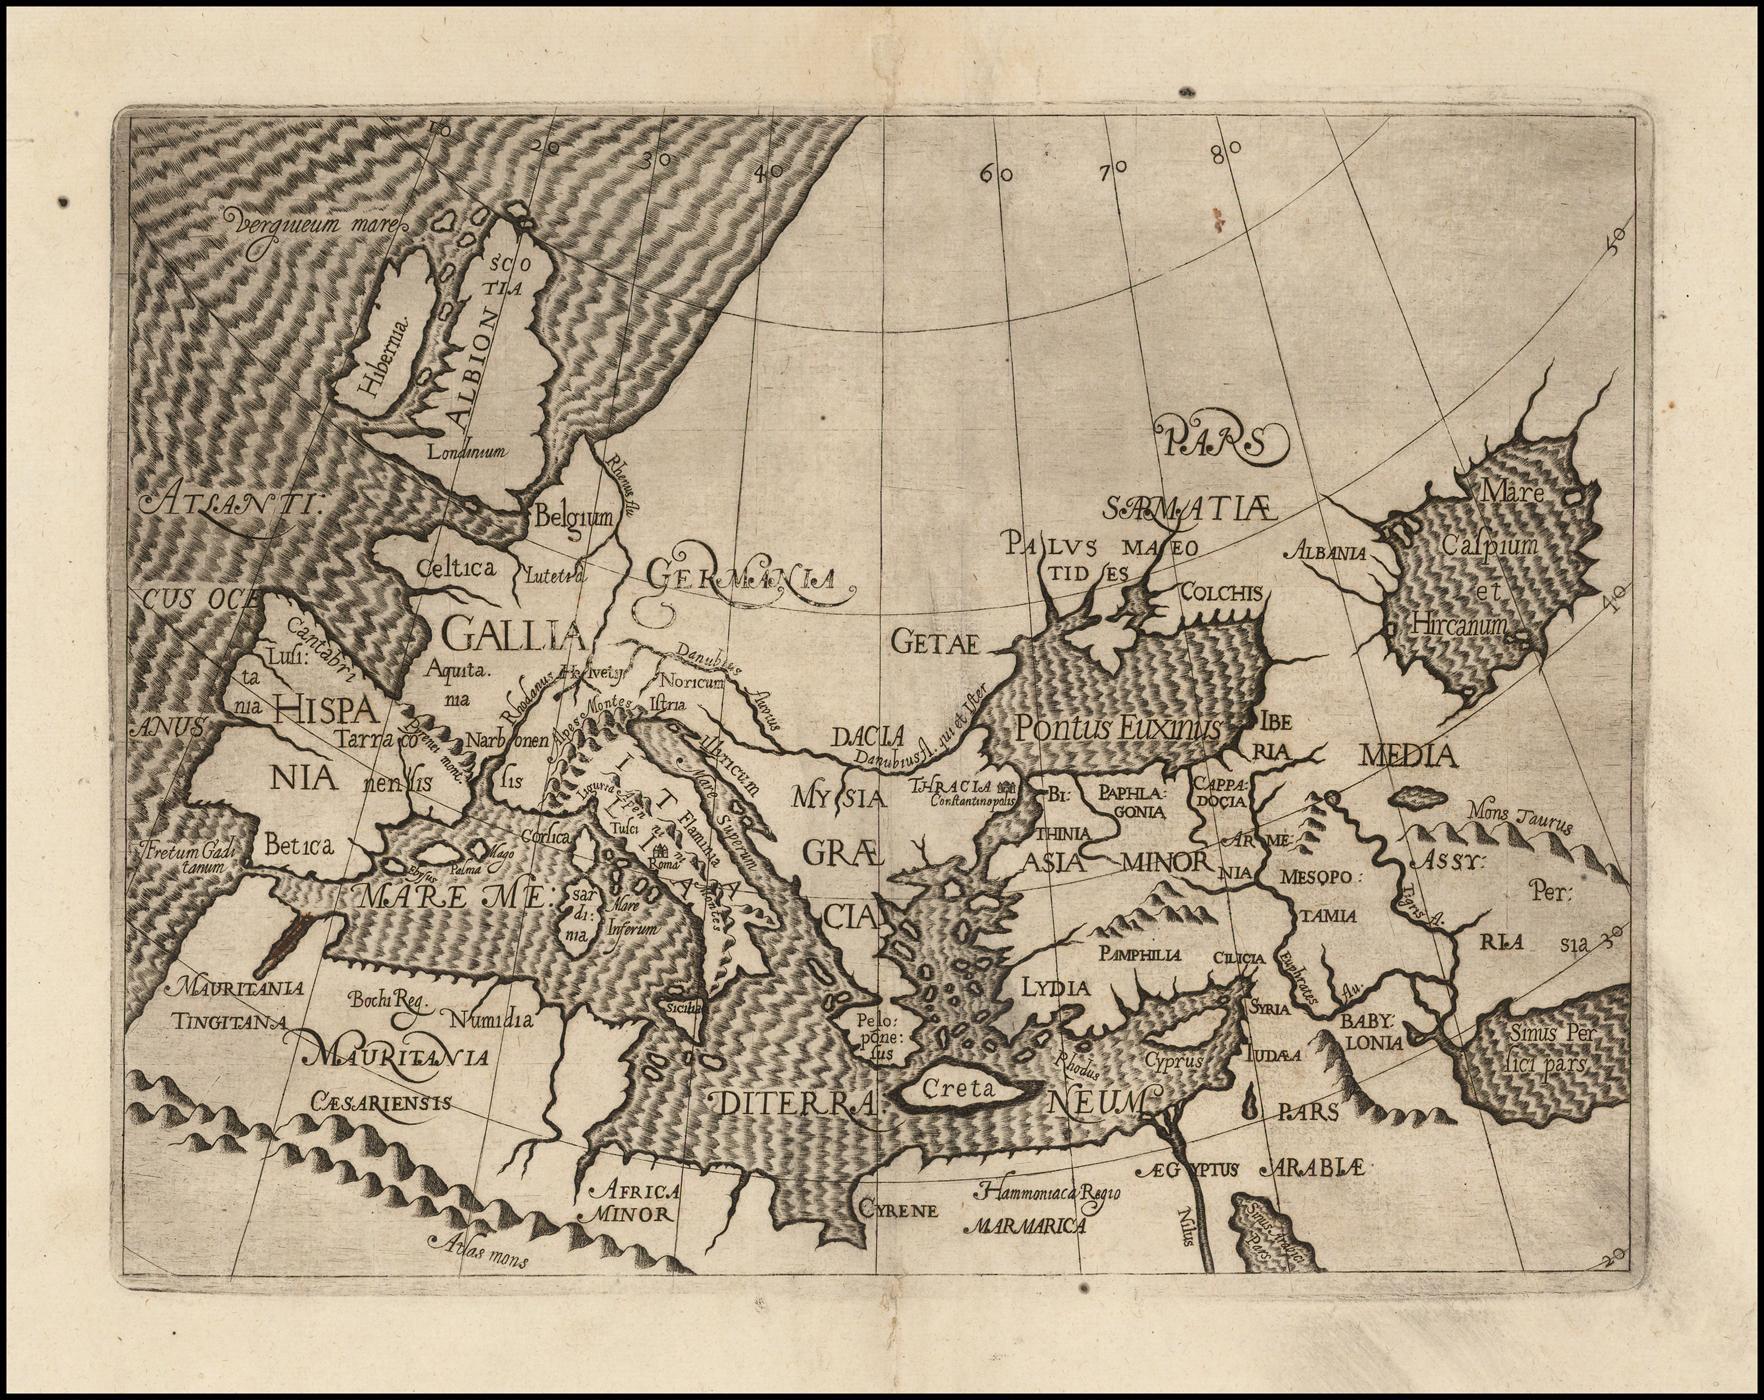 Увлекательная ранняя карта Европы, Средиземноморья, Малой Азии и части Персии